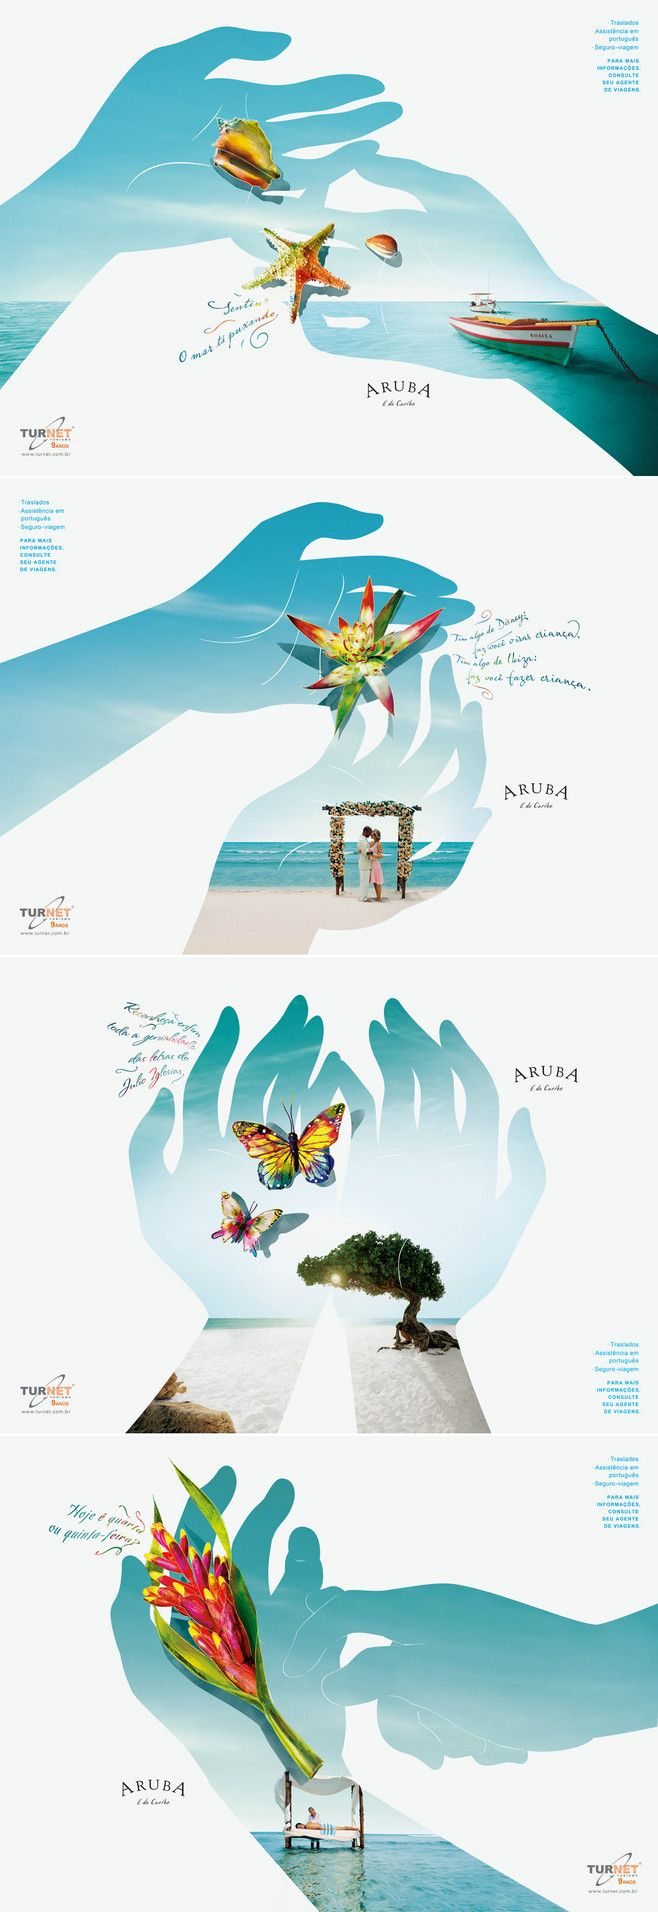 Aruba旅游海报